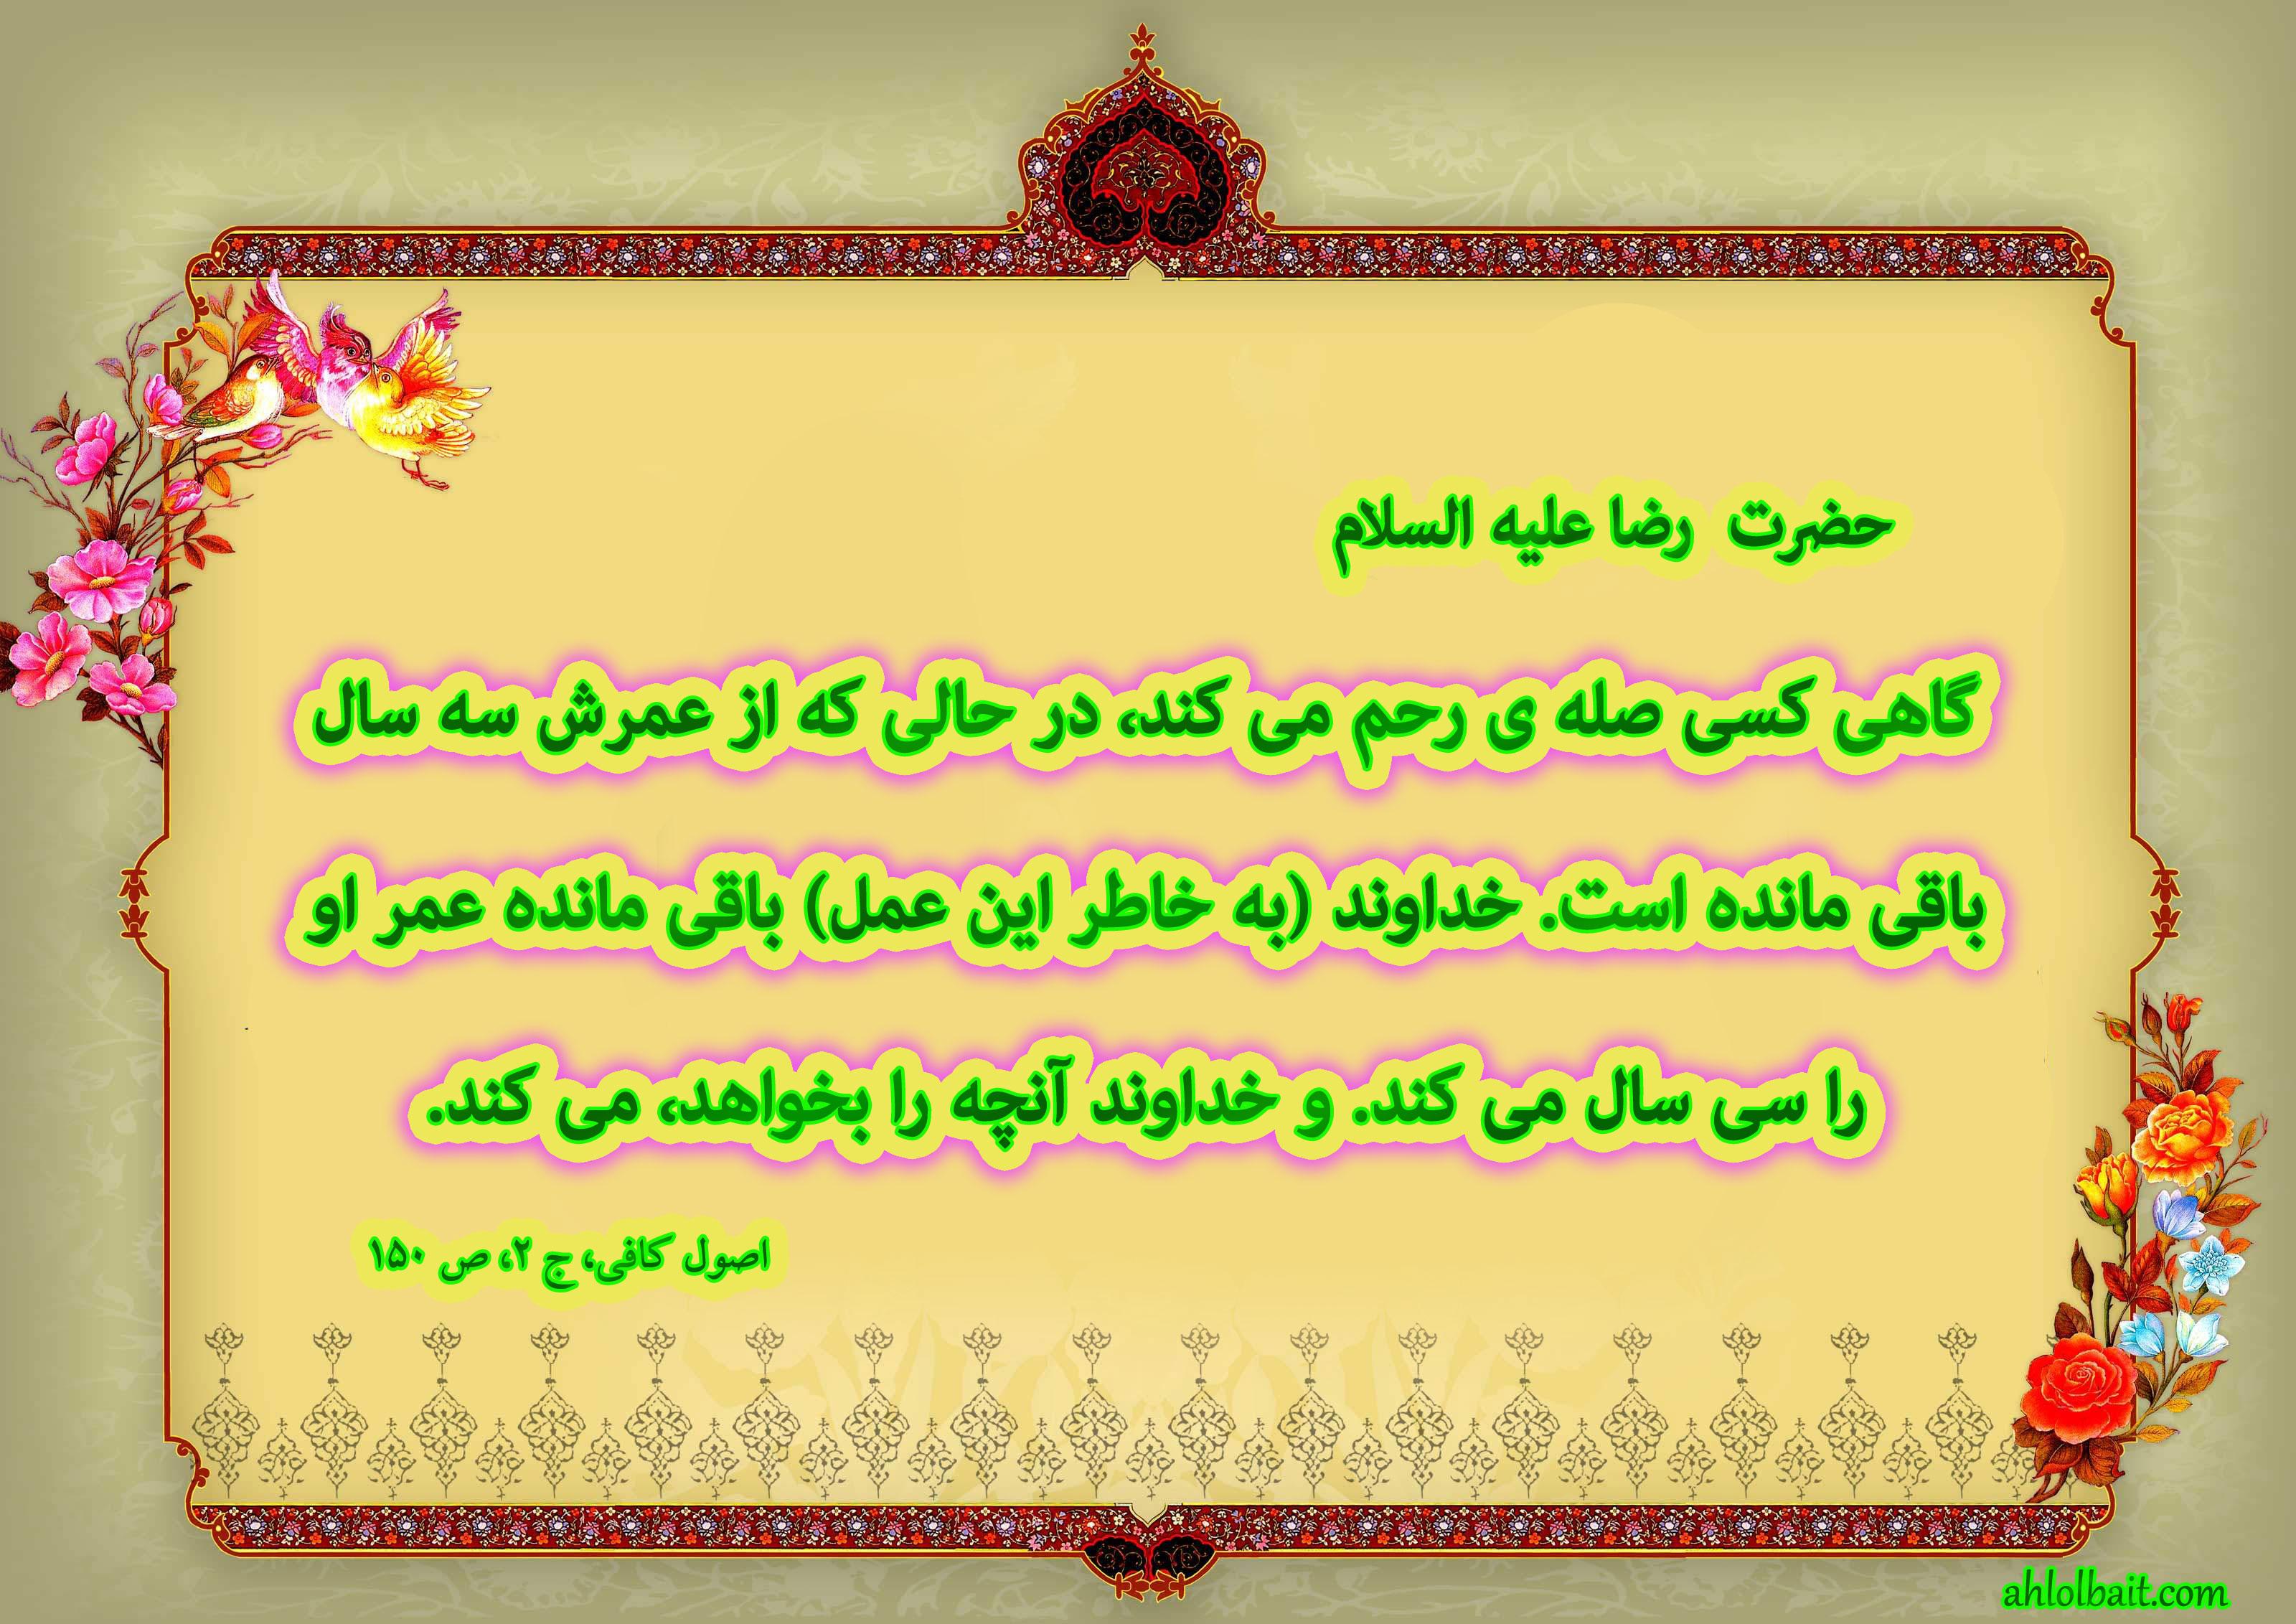 http://ahlolbait.com/files/65/image/seleh-rahem.jpg